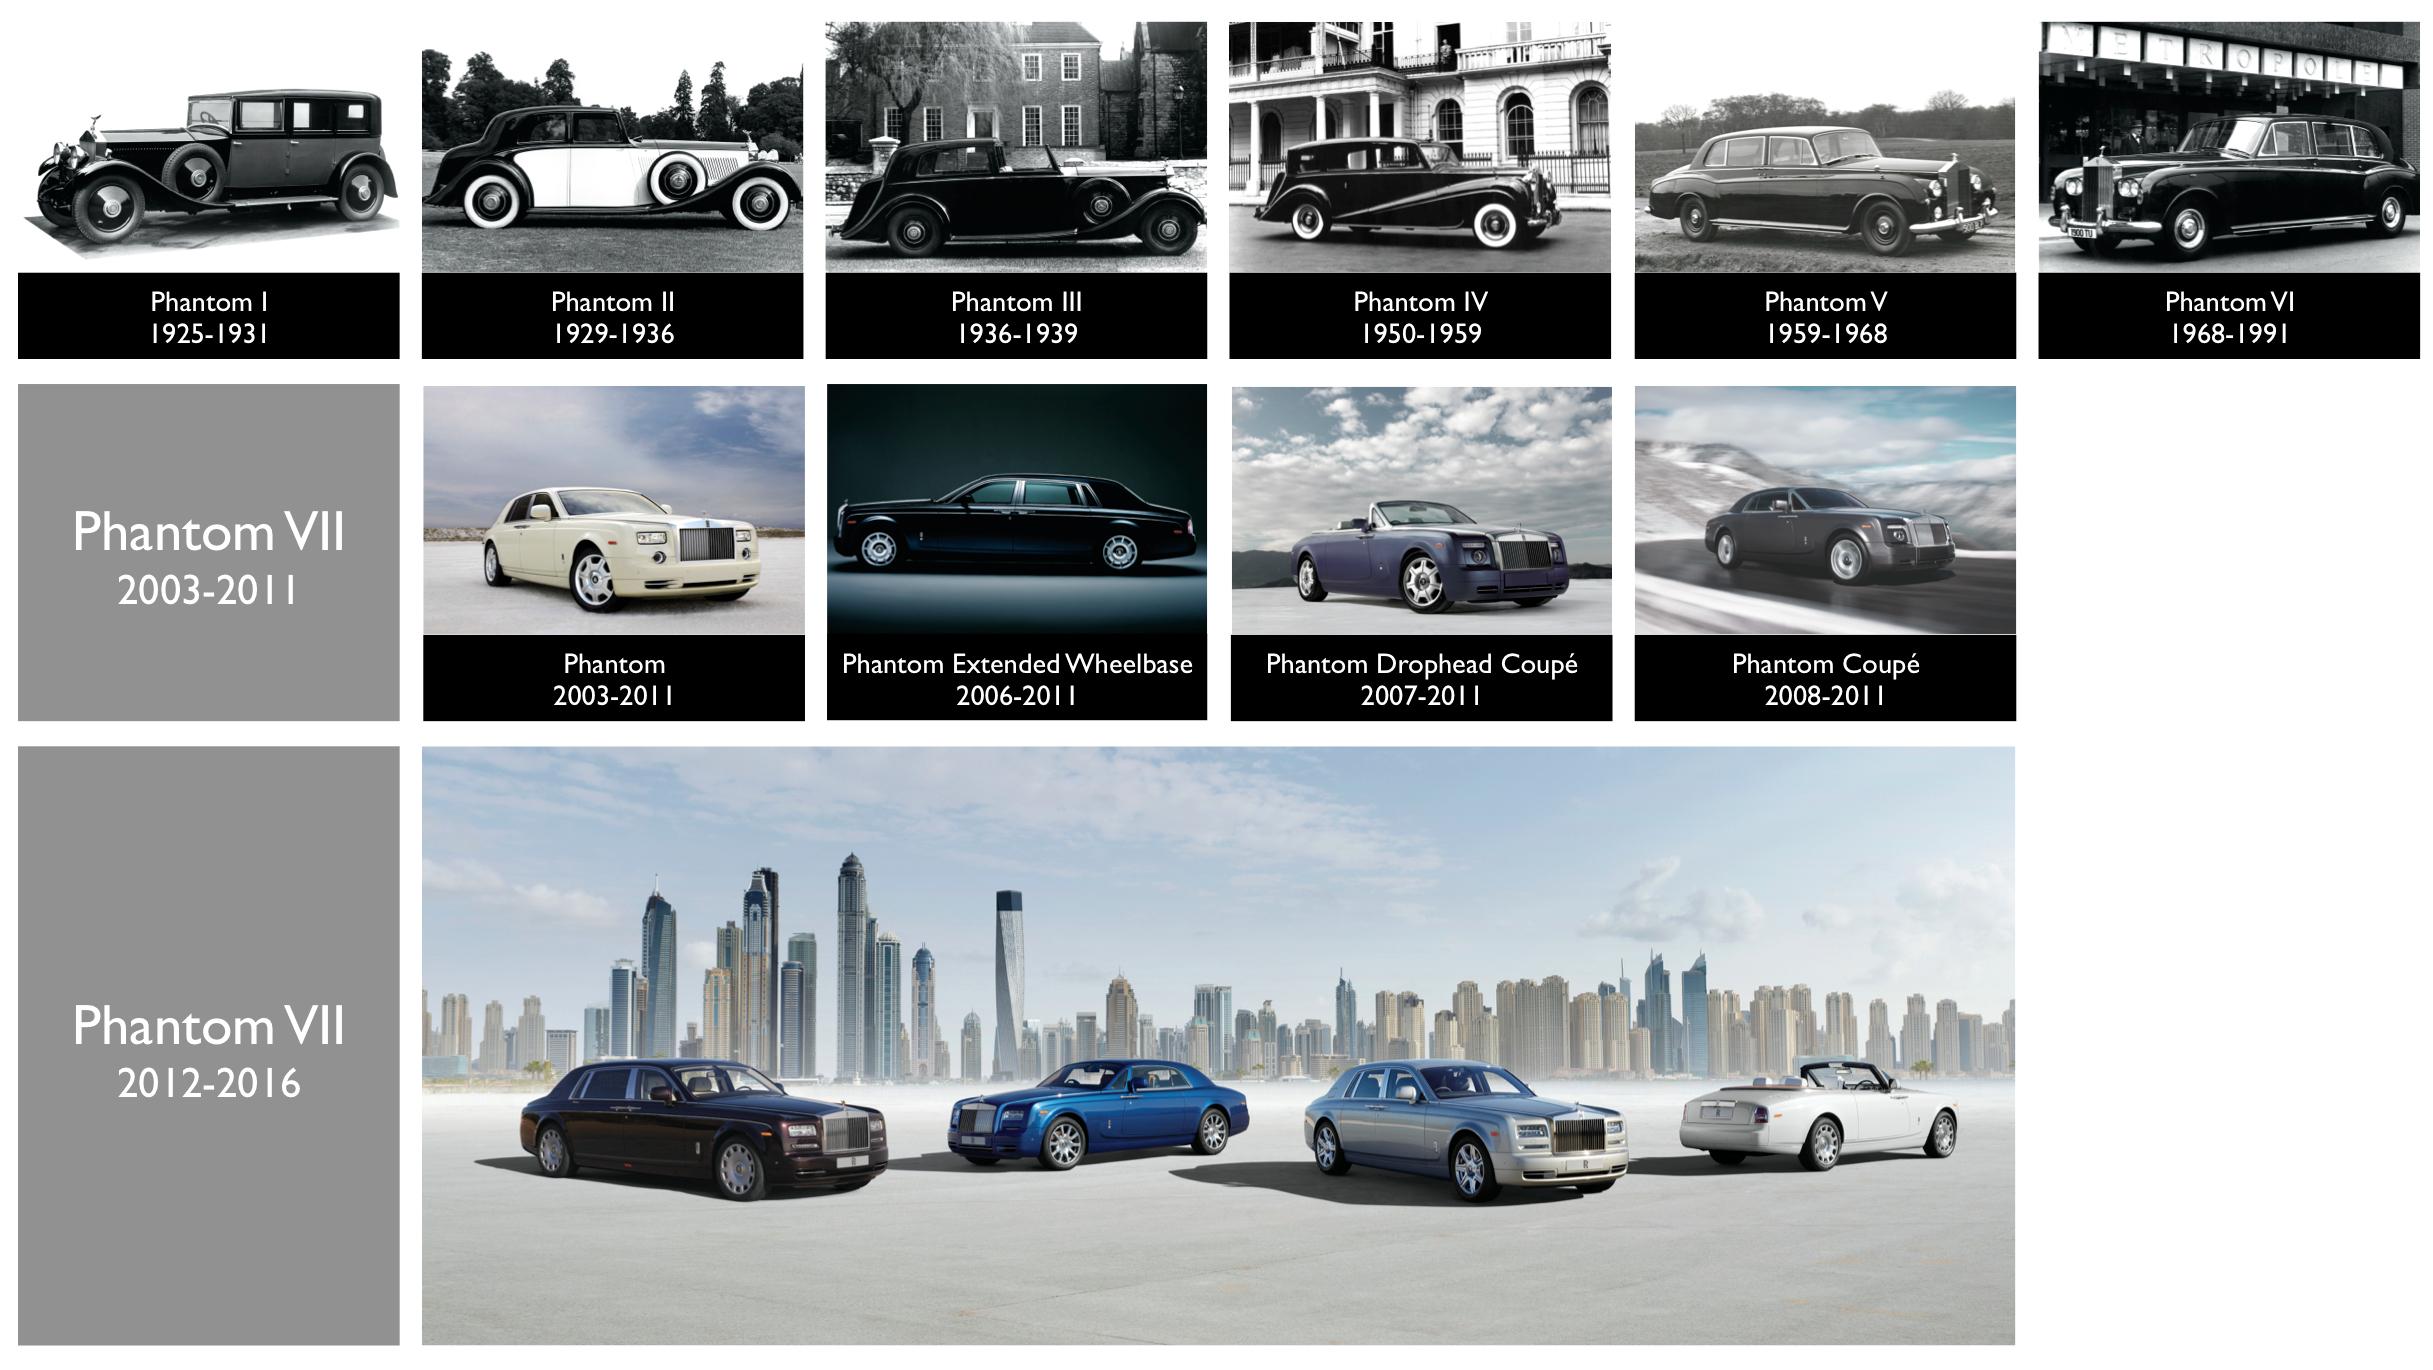 """Goodwood, England (ots) -  """"THE GREAT EIGHT PHANTOMS""""  #GreatPhantoms Ab Ende Juli werden die bedeutendsten Rolls-Royce Phantom der vergangenen 92 Jahre in Mayfair, London, in der Ausstellung """"The Great Eight Phantoms"""" versammelt. Sie bildet den Rahmen für die Ankunft der nächsten Generation des berühmtesten Luxusprodukts der Welt. In den kommenden acht Wochen wird Rolls-Royce nacheinander die berühmten Exponate vorstellen, die in London gezeigt werden. Die erste Chronik handelt vom Phantom I von Fred Astaire.  """"The Great Eight Phantoms""""  Seit seinem Debüt im Jahr 1925 wurde der Rolls-Royce Phantom immer wieder Zeuge bedeutender historischer Momente, in denen die Welt maßgeblich geprägt wurde - von Vertragsabschlüssen bis hin zu Staatsempfängen.  Der Phantom ist seit 92 Jahren ein Symbol für die standesgemäße Beförderung der einflussreichsten und mächtigsten Menschen in aller Welt, was ihn zum Zeitzeugen wichtiger historischer Begebenheiten machte: Sei es die Aufwartung der Beatles im Buckingham Palace, die Momente, in denen Feldmarschall Montgomery Churchill und Eisenhower chauffierte oder einfach die zahlreichen Mega-Stars, die im Phantom vorfuhren, um ihre Oscars in Hollywood entgegenzunehmen. Ein anderer Beweis seiner Einzigartigkeit ist die Modellbezeichnung, die in der Automobilindustrie die am längsten verwendete ist.  Um diese beispiellose Tradition zu würdigen, wird Rolls-Royce ab 27. Juli dieses Jahres die berühmtesten Exponate aller bisherigen sieben Phantom Generationen in London in der Ausstellung """"The Great Eight Phantoms"""" zusammenbringen. Dazu werden aus der ganzen Welt Phantom, die einst im Besitz bedeutender Persönlichkeiten waren, in die mentale Heimat von Rolls-Royce zurückkehren: nach Mayfair, London, die erste Adresse für Luxus weltweit. Das einzigartige Arrangement bildet den Rahmen für die Ankunft der nächsten, achten Generation des """"besten Automobils der Welt"""": der neue Phantom.  In den folgenden acht Wochen wird Rolls-Royce die berühmten Exp"""